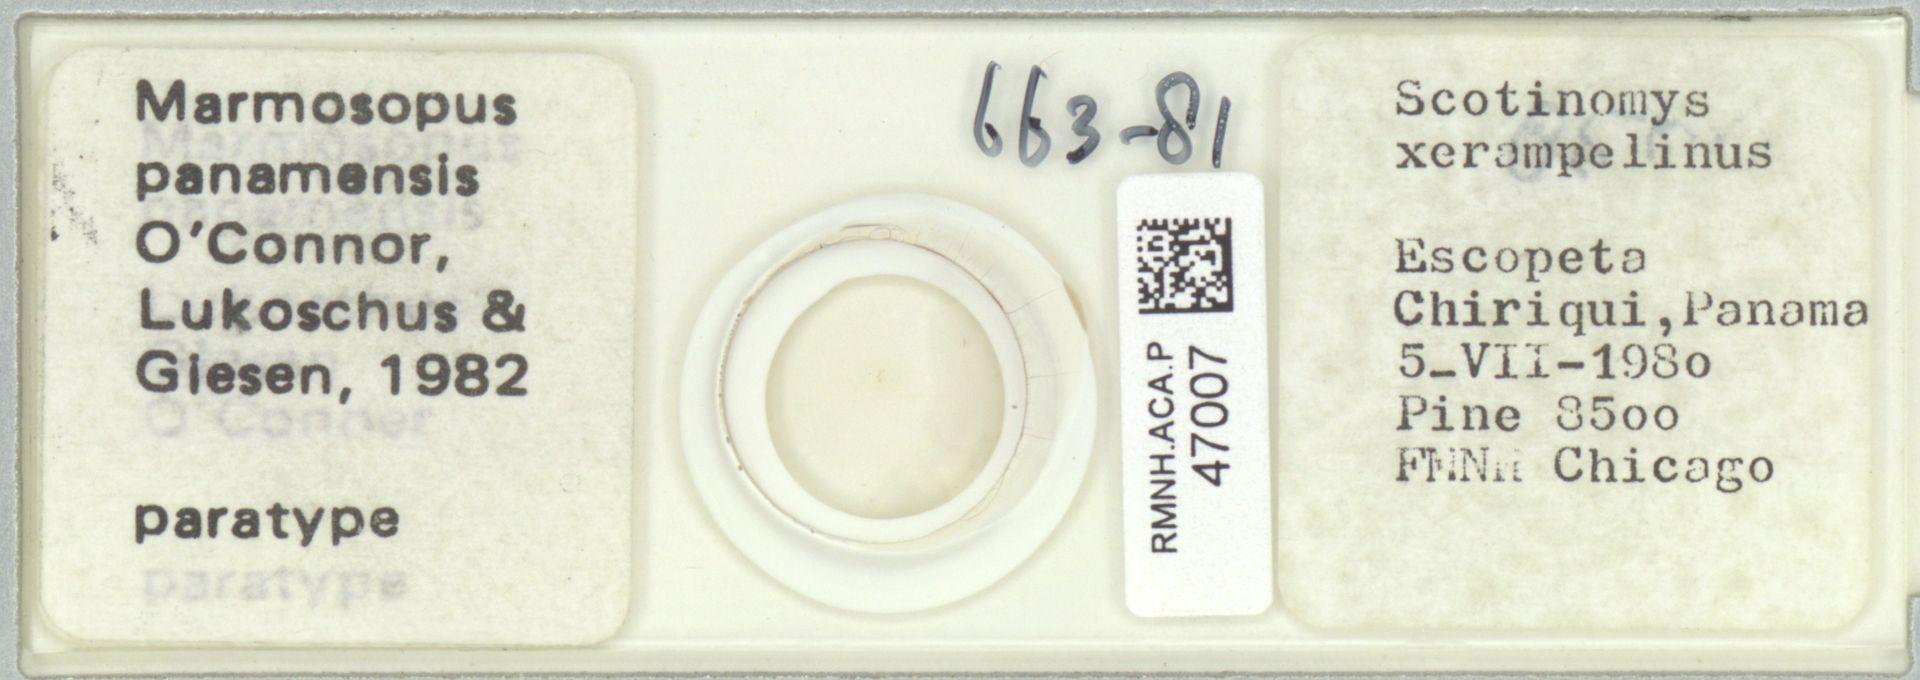 RMNH.ACA.P.47007   Marmosopus panamensis O'Connor, Lukoschus & Giesen, 1982